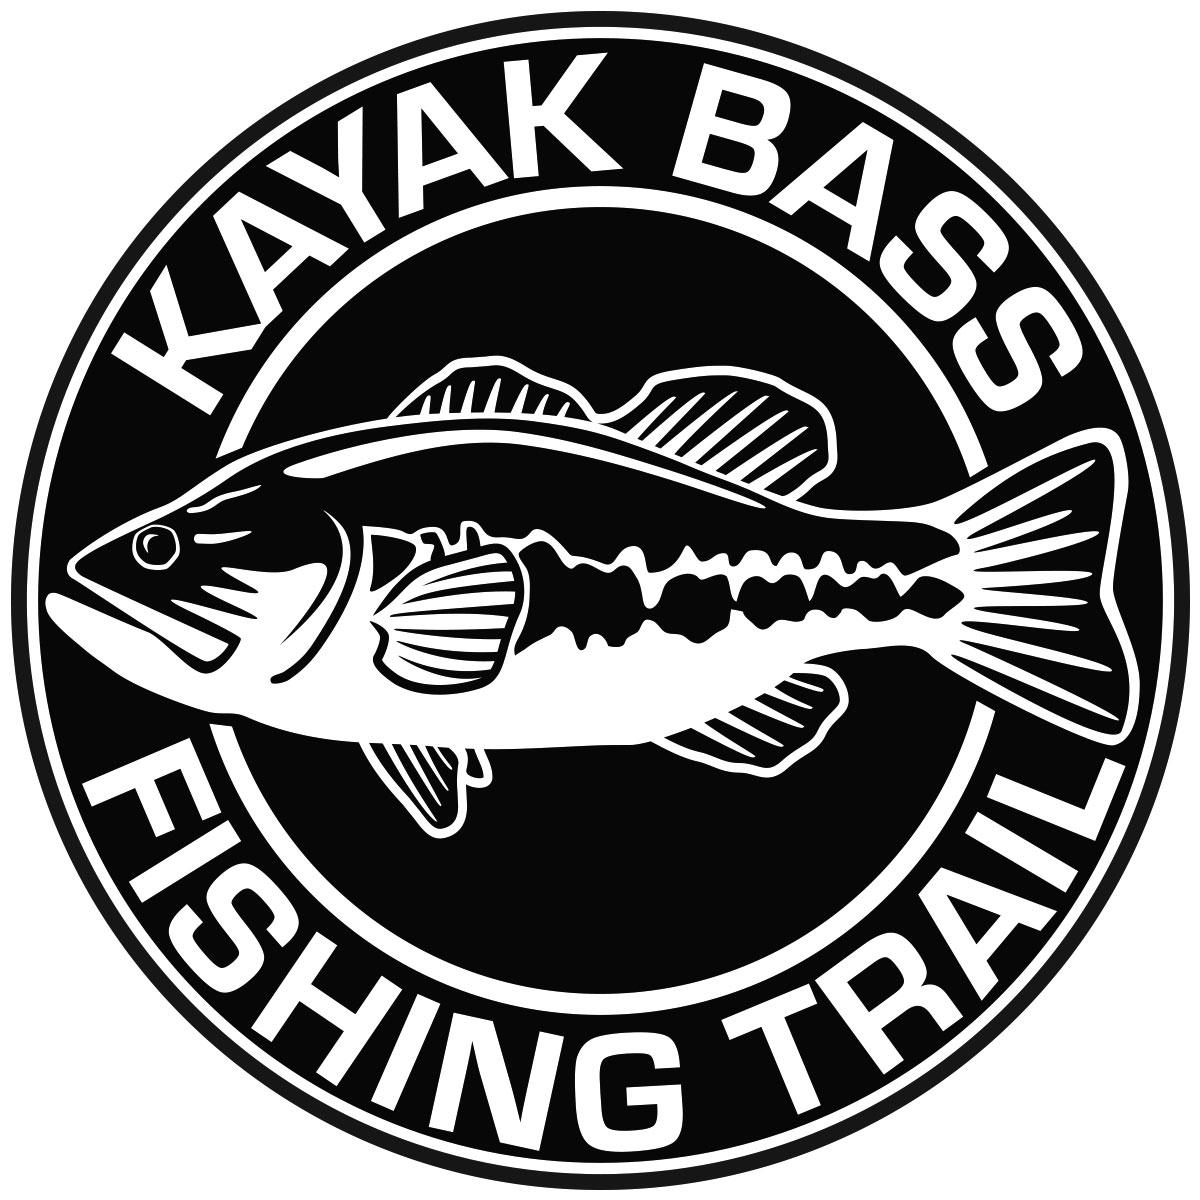 2016 kbf trail lake guntersville kayak bass fishing for Alabama fishing regulations